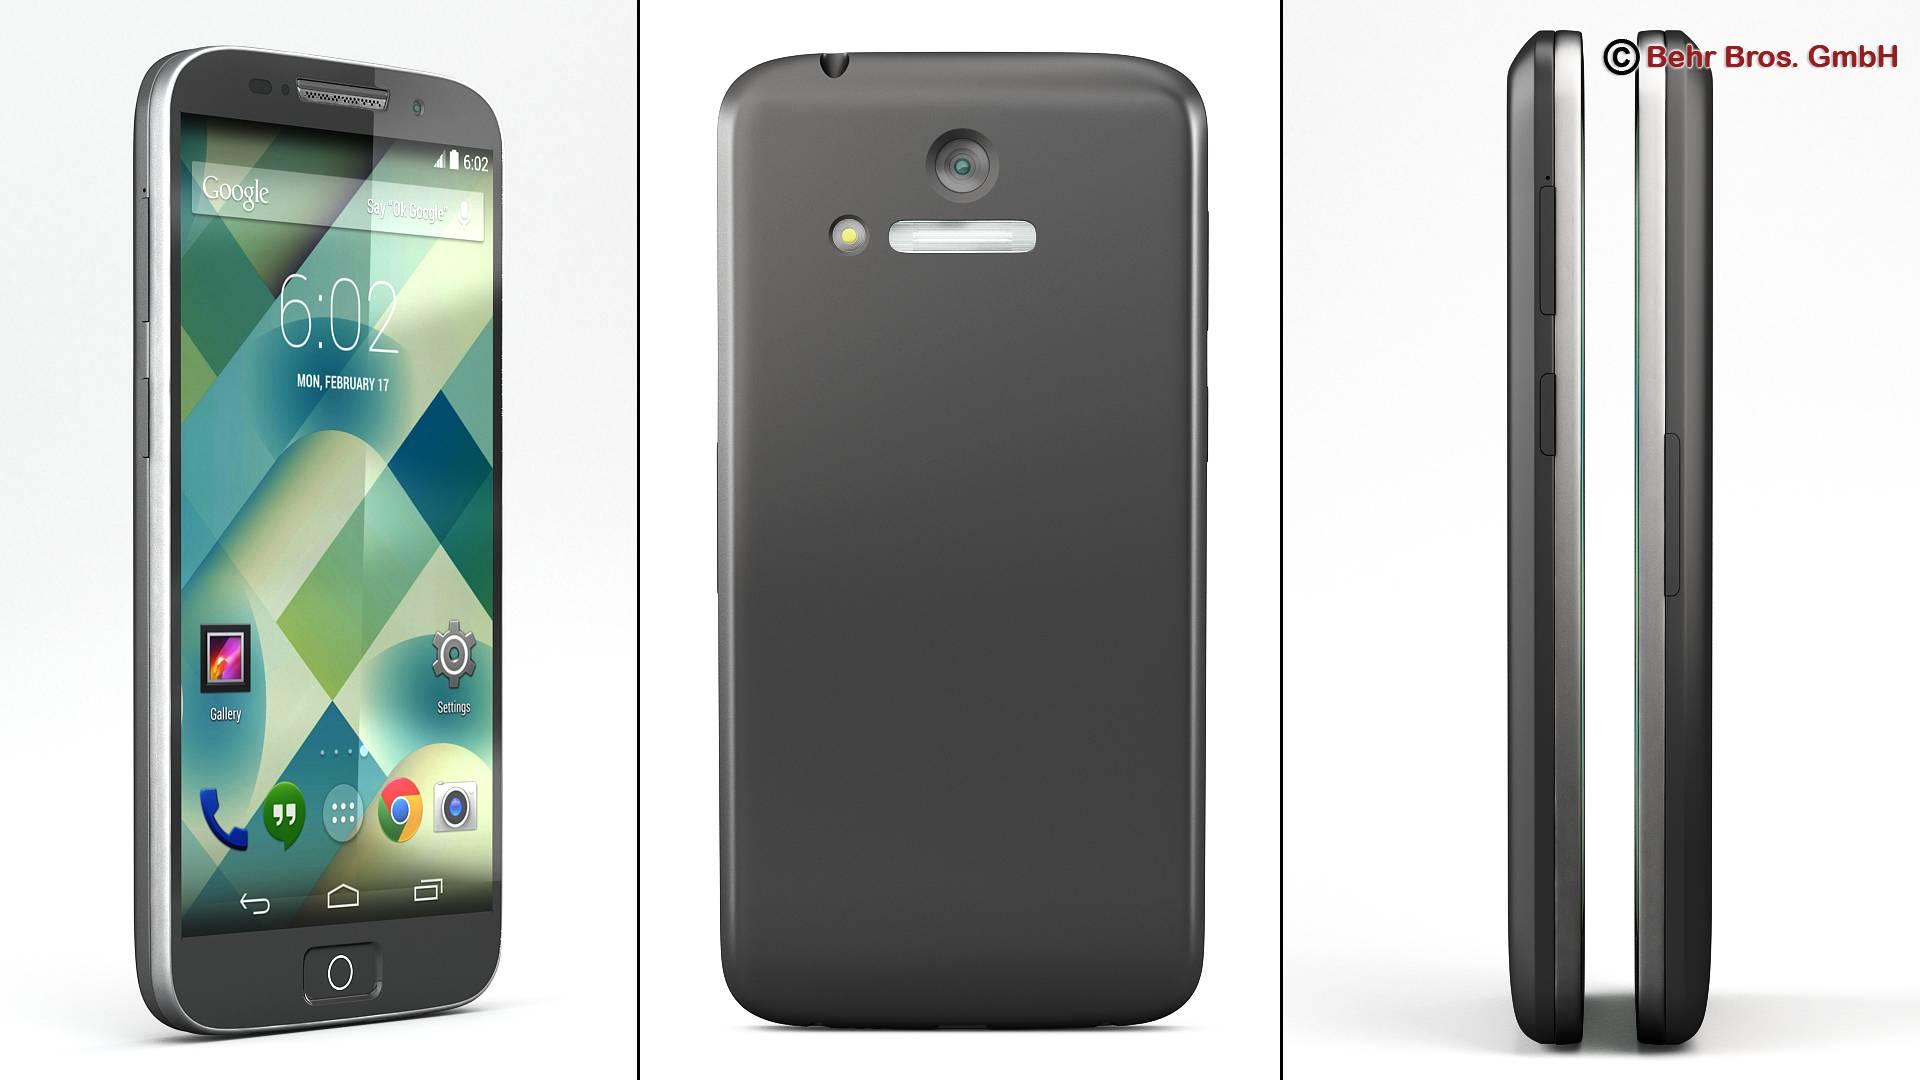 Generic Smartphone 4.6 Inch 3d model 3ds max fbx c4d lwo lws lw ma mb obj 161635